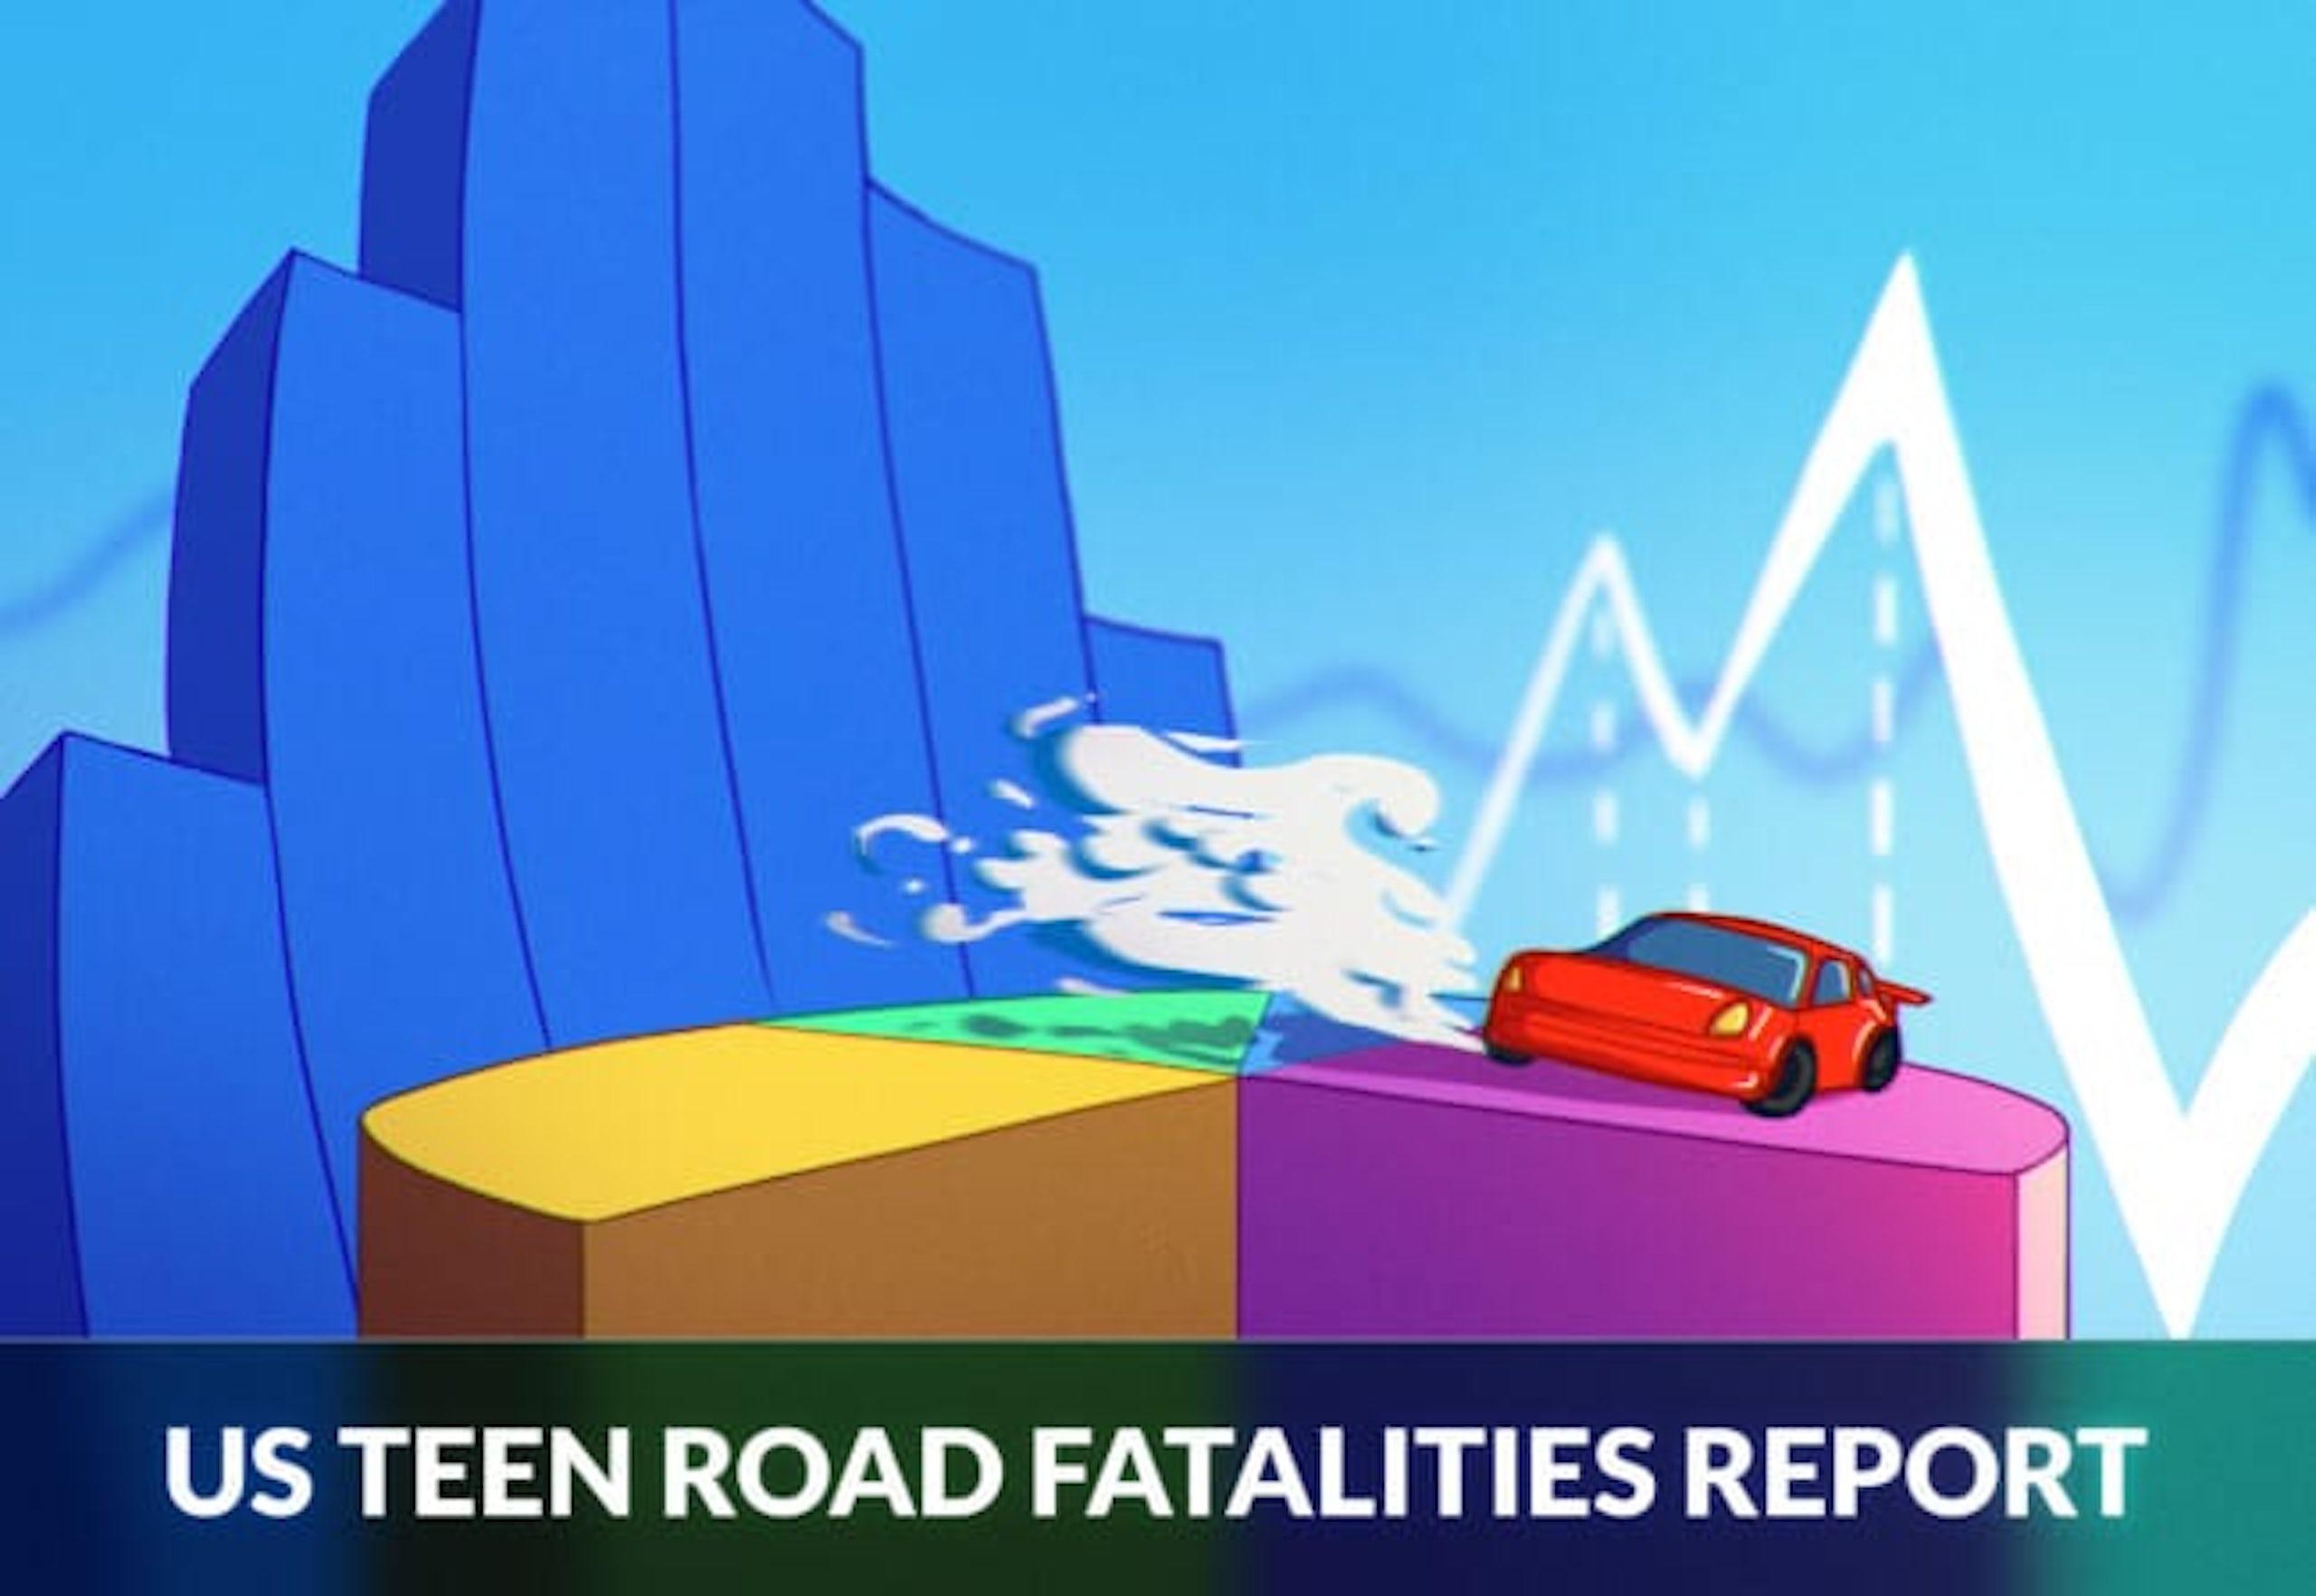 US TEEN ROAD FATALITIES REPORT